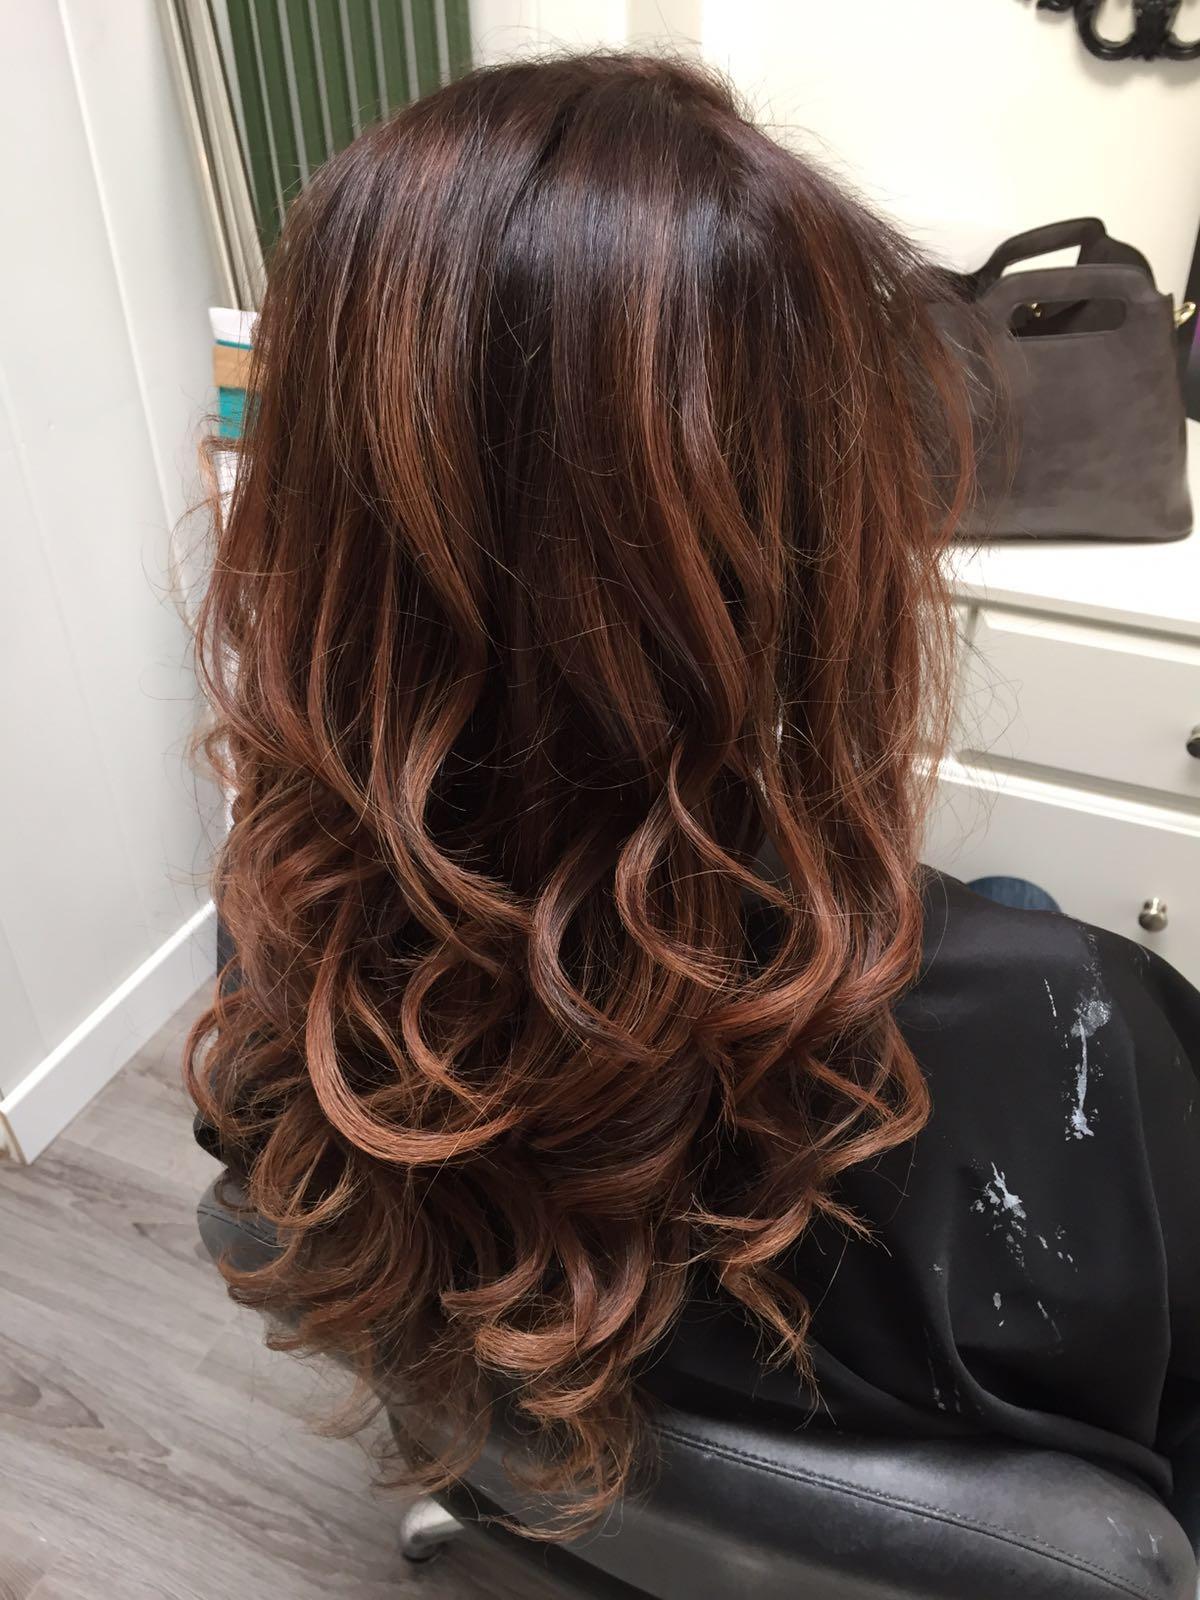 Le Salon De Naelle L Ombr 233 Hair Ou Tie And Dye